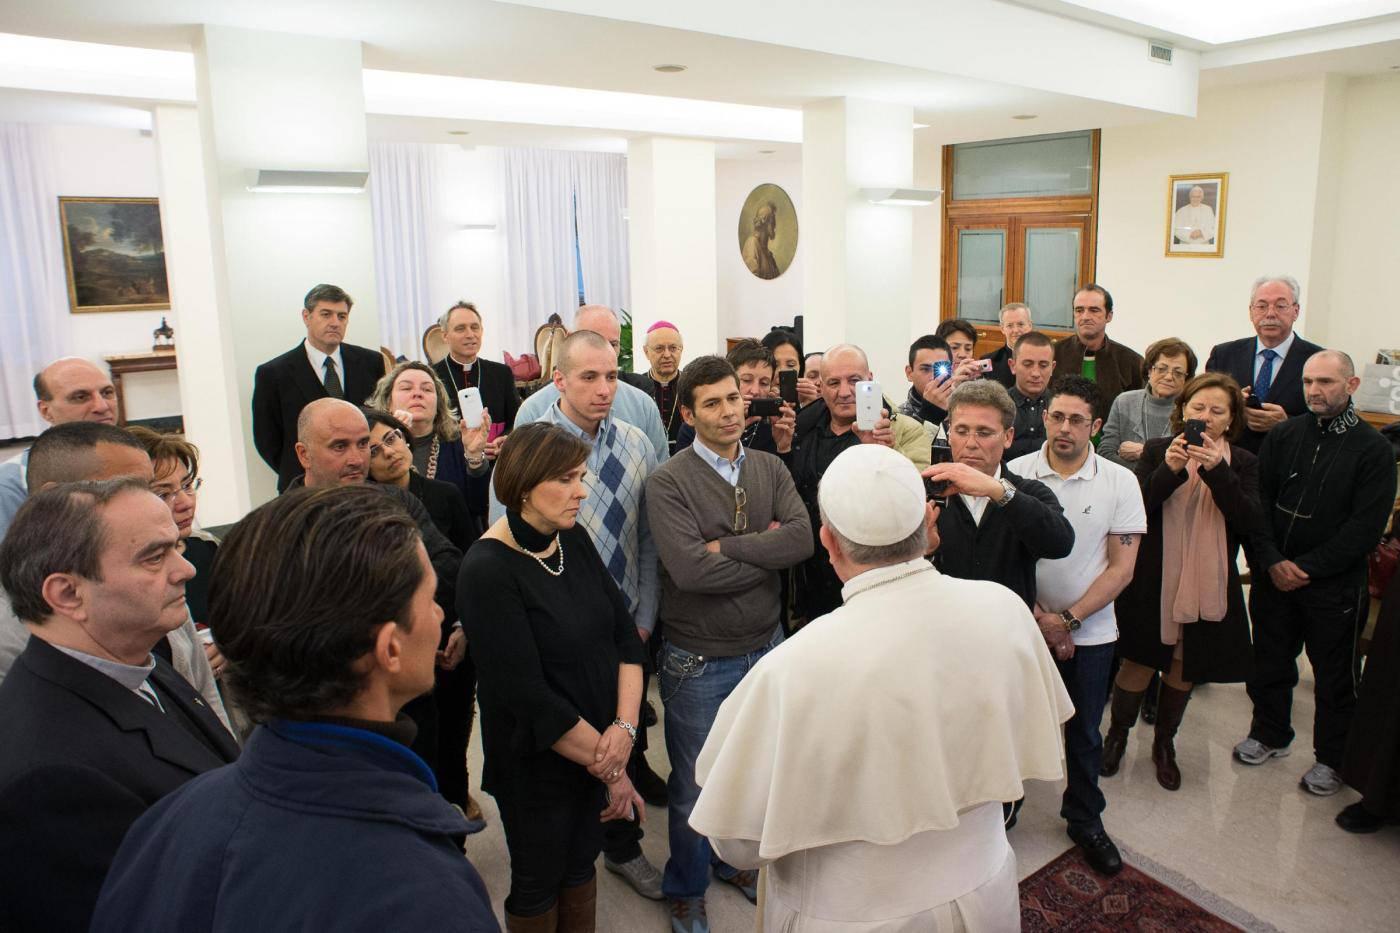 Foto LaPresse19/02/2014 RomaCronacaPapa Francesco incontra i detenuti delle carceri di Pisa e Pianosa